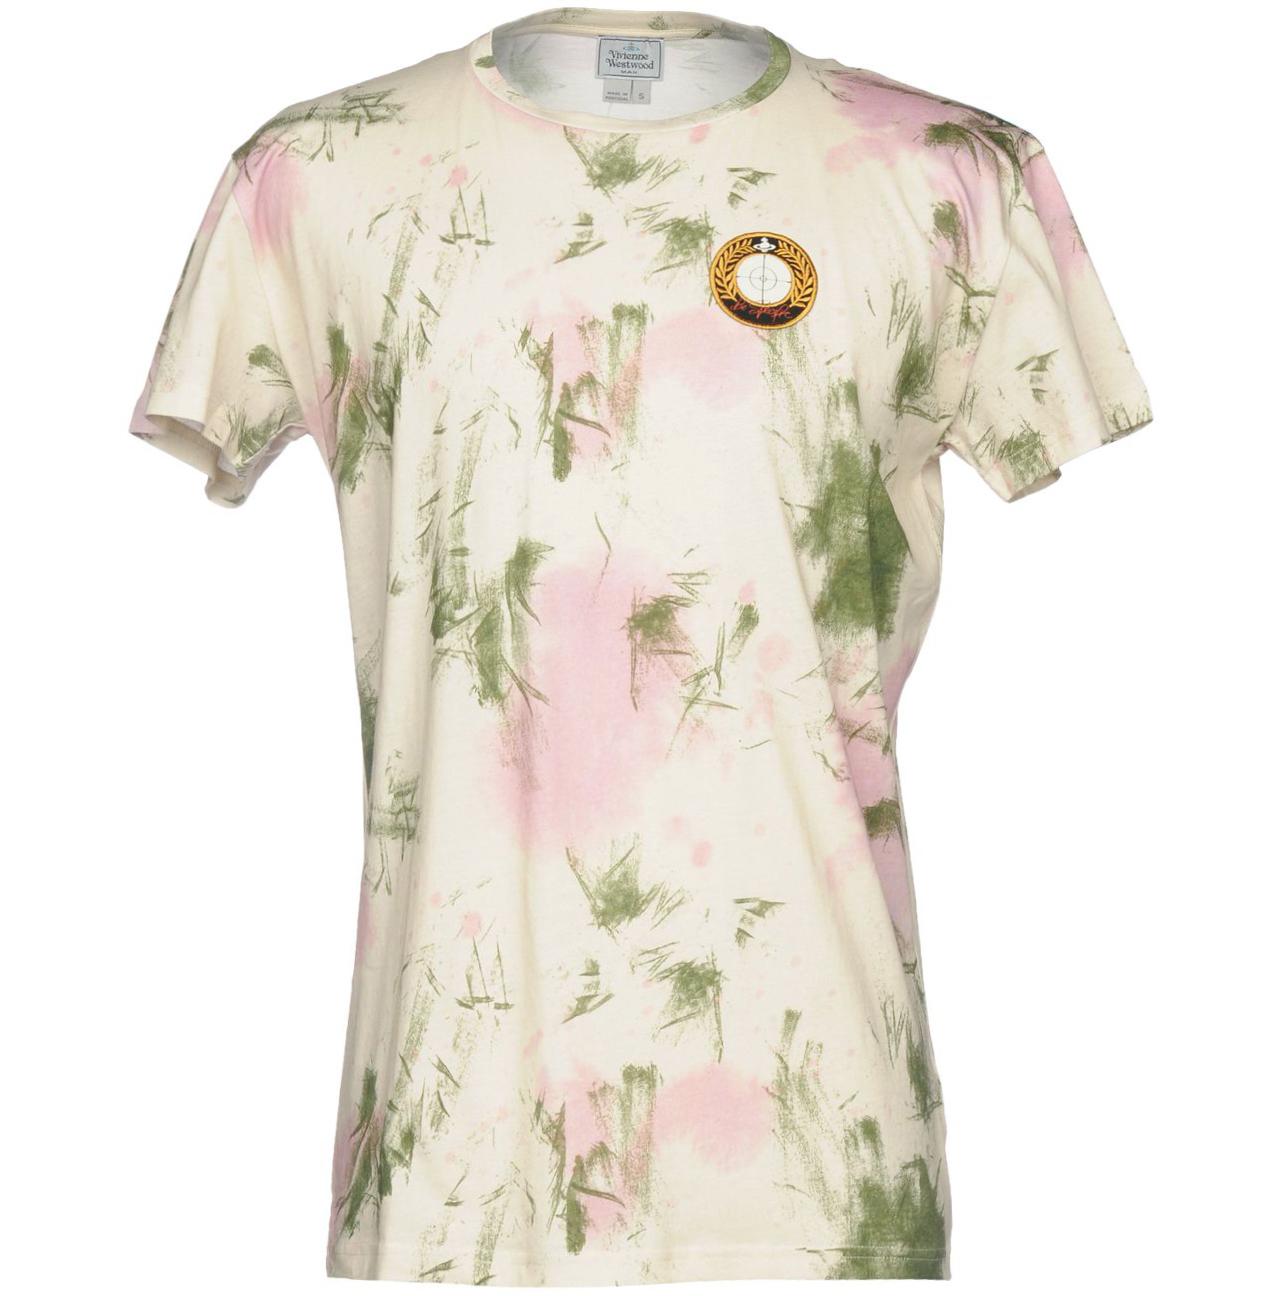 VIVIENNEWESTWOODMAN19春夏抽象印花男士纯棉徽章短袖T恤